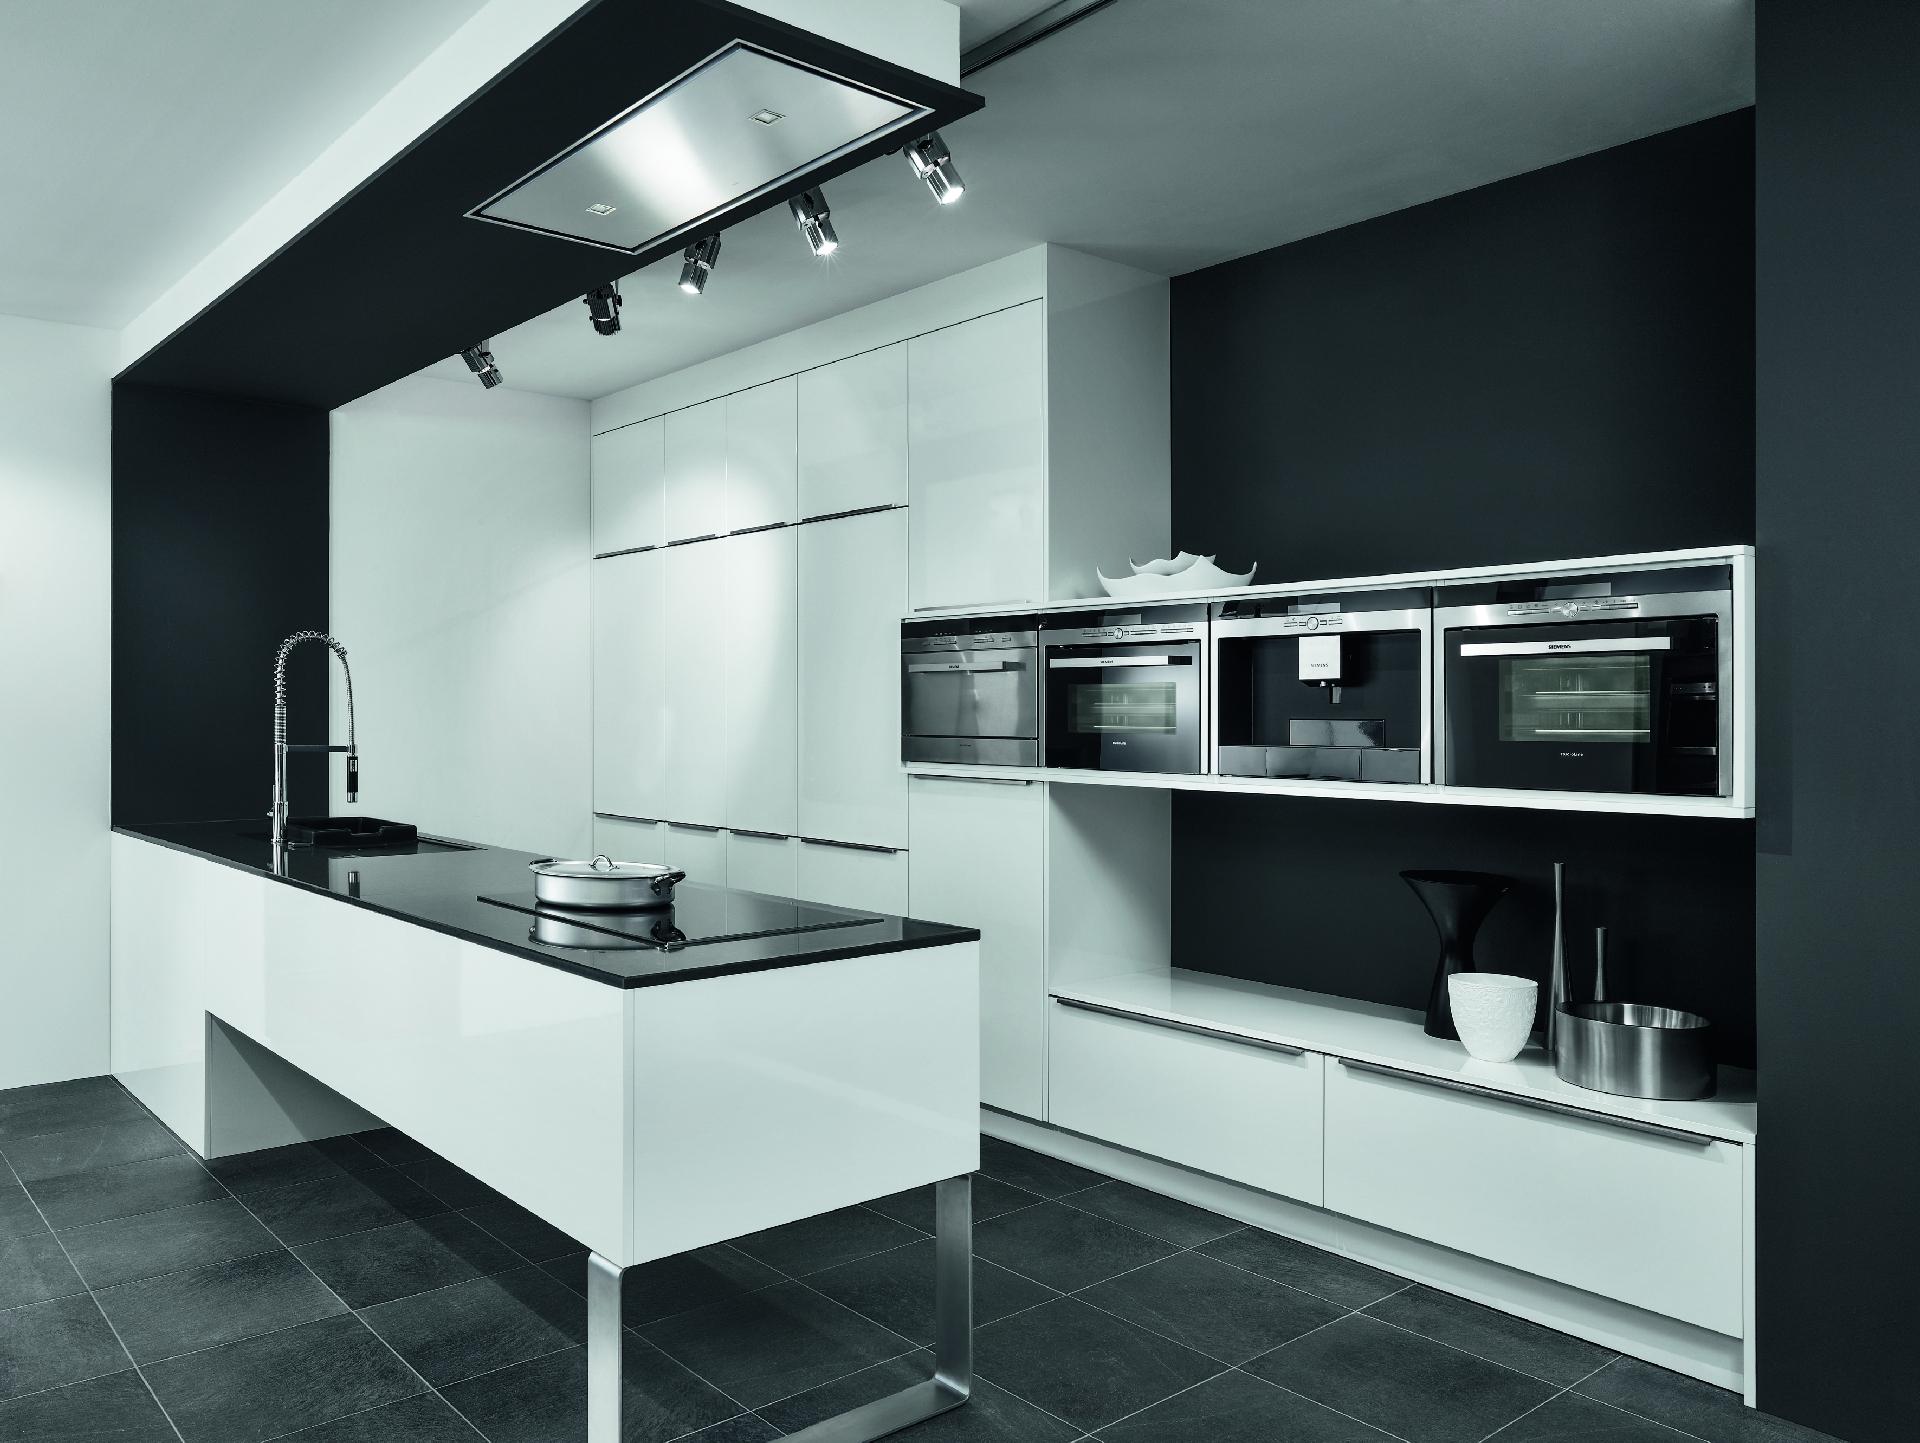 Moderne keuken op maat xnovinky strakke moderne keuken - Idee kleur moderne keuken ...